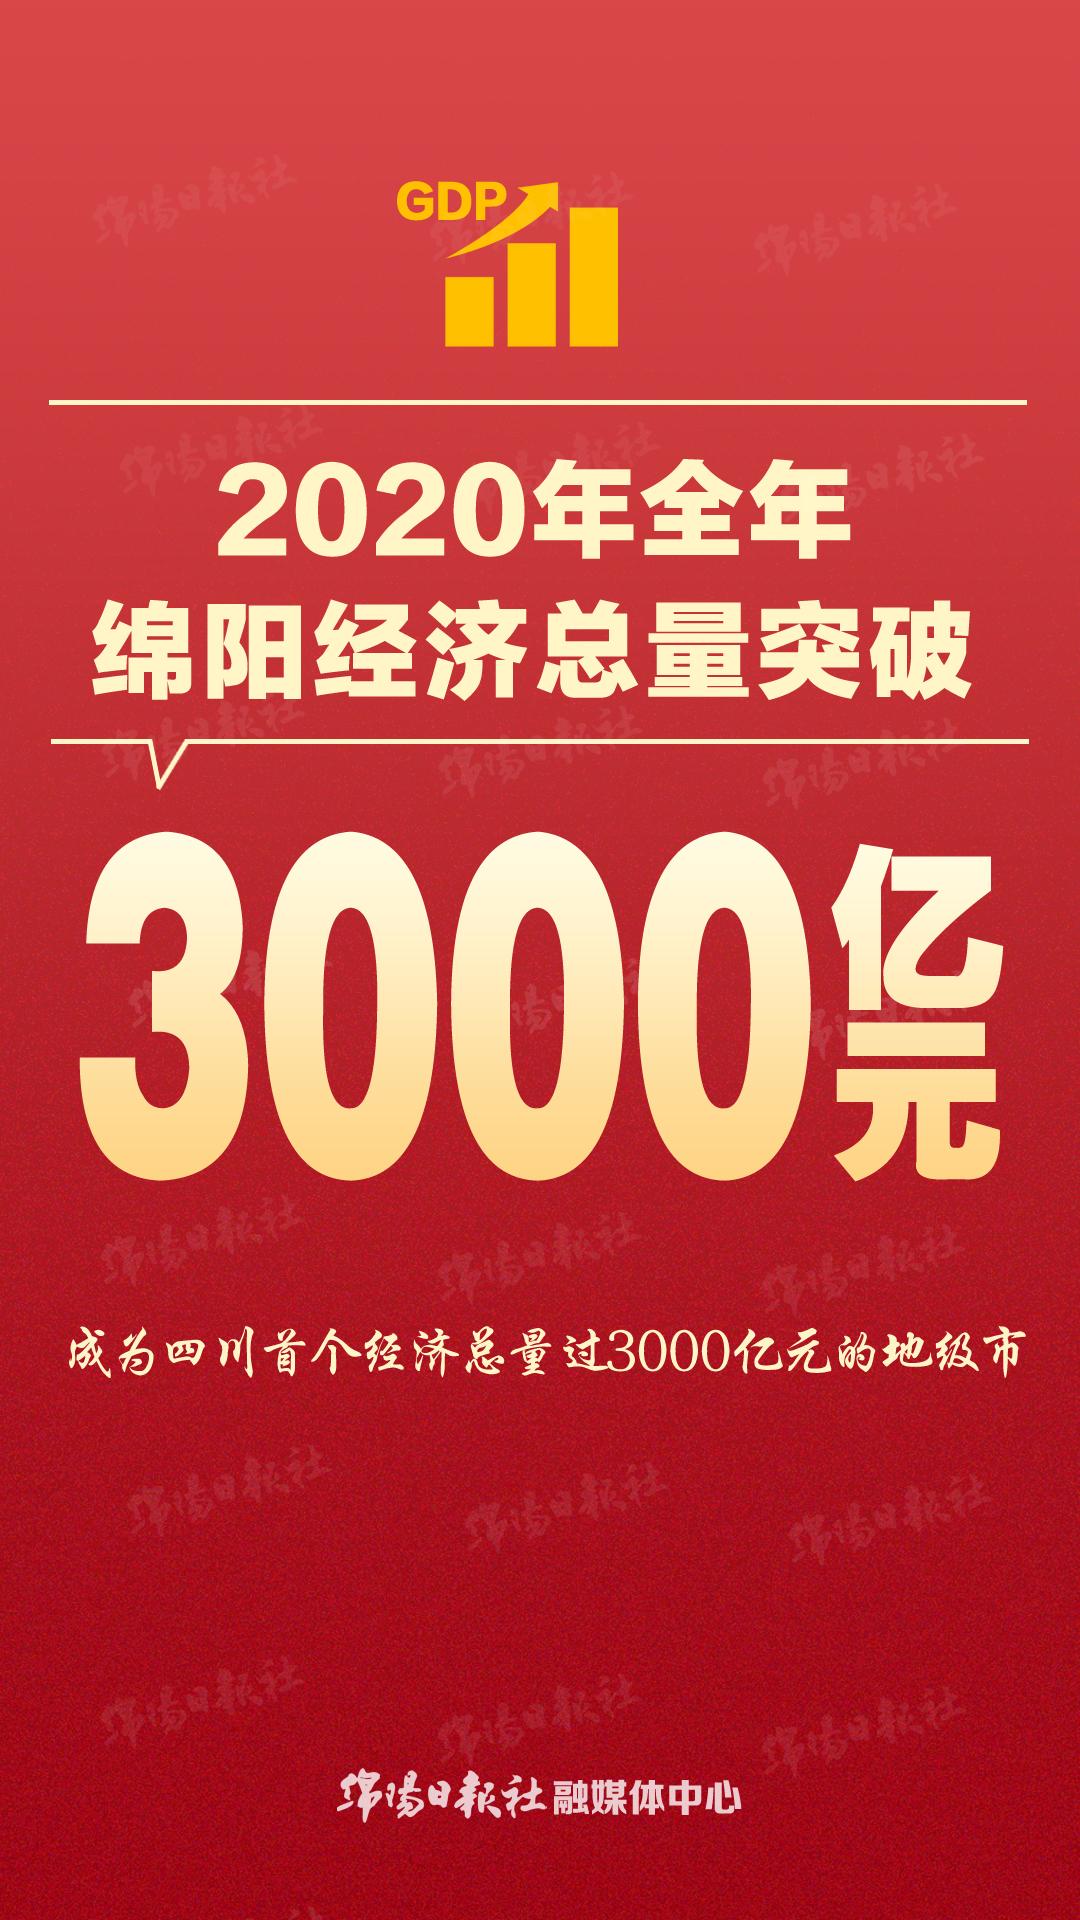 2020年绵阳gdp_2016-2020年绵阳市地区生产总值、产业结构及人均GDP统计